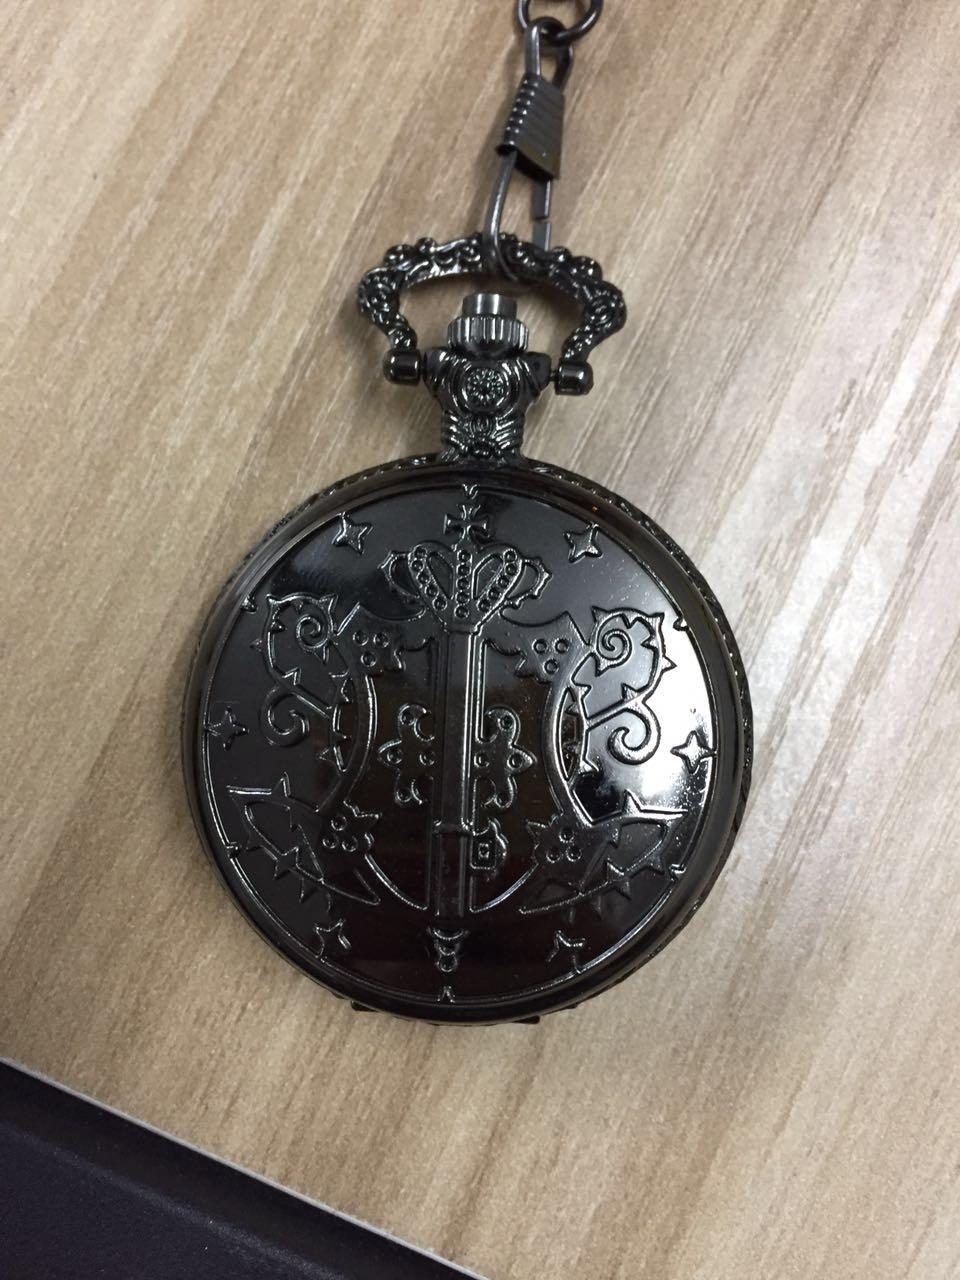 Кварцевые карманные часы TIEDAN, аналоговые в виде кулона, ожерелье